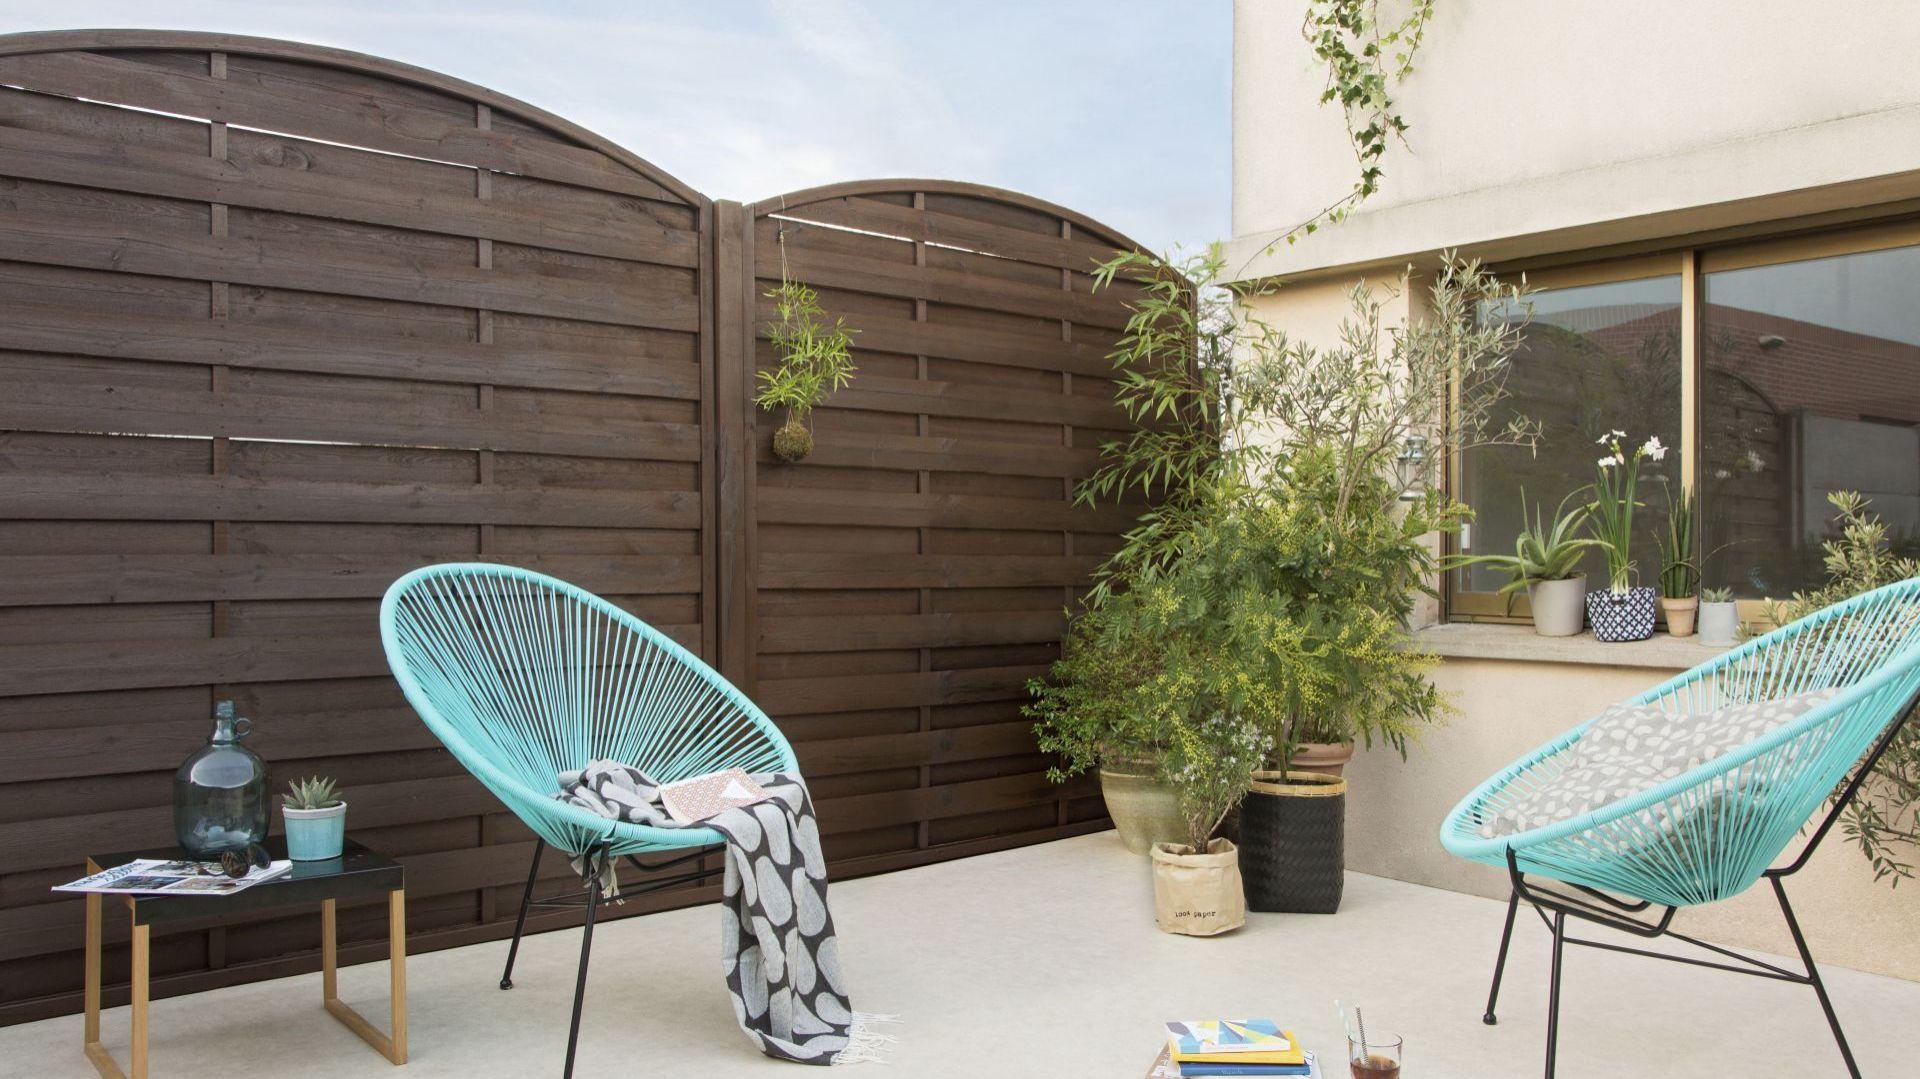 Dekorujemy domową pergolę za pomocą opryskiwacza ogrodowego i impregnatu Easy. Fot. V33